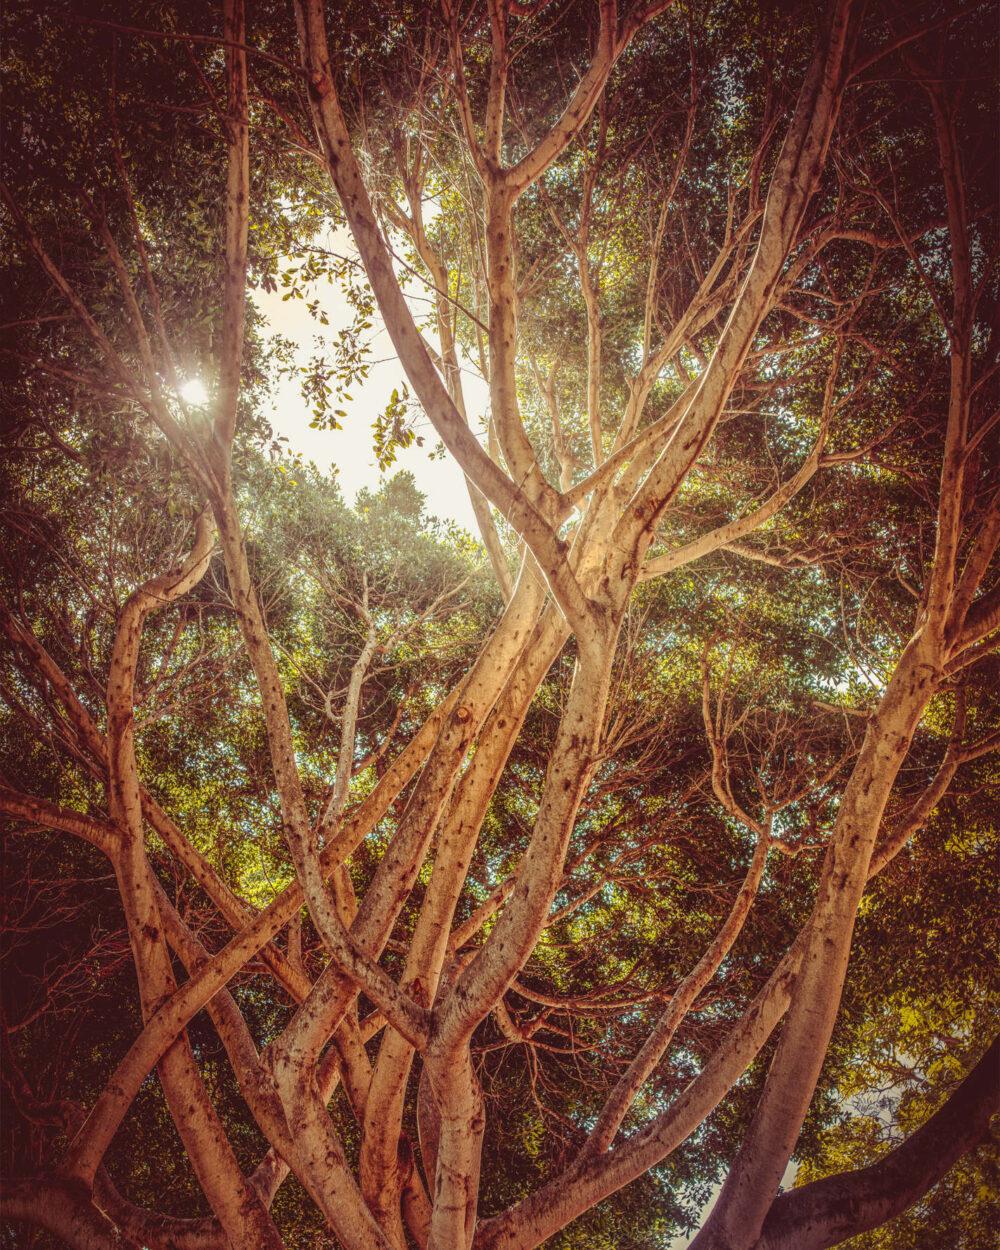 Von Sonne erleuchtete Baumkrone eines Ficus Benjamin